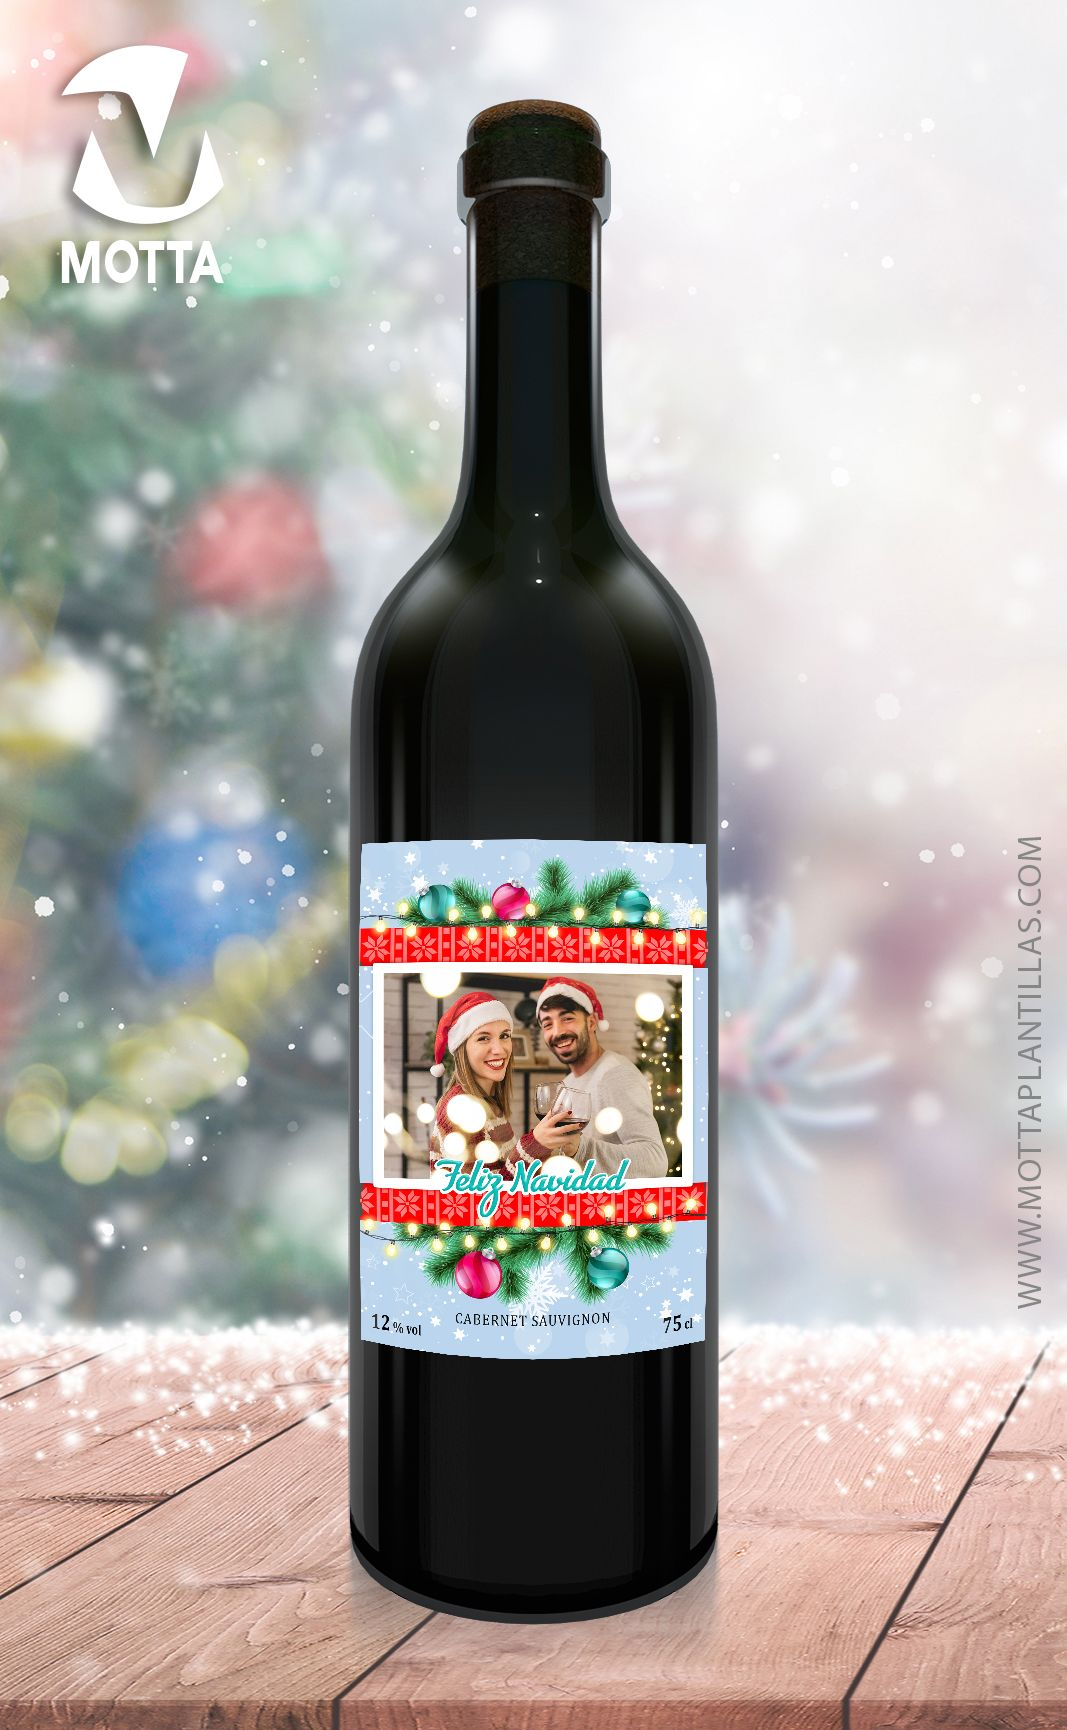 danza Ciudadanía Derrotado  DISEÑOS DE ETIQUETAS PARA BOTELLAS DE VINO FELIZ NAVIDAD | Etiquetas de  botellas de vino, Botellas de vino de navidad, Botellas de vino